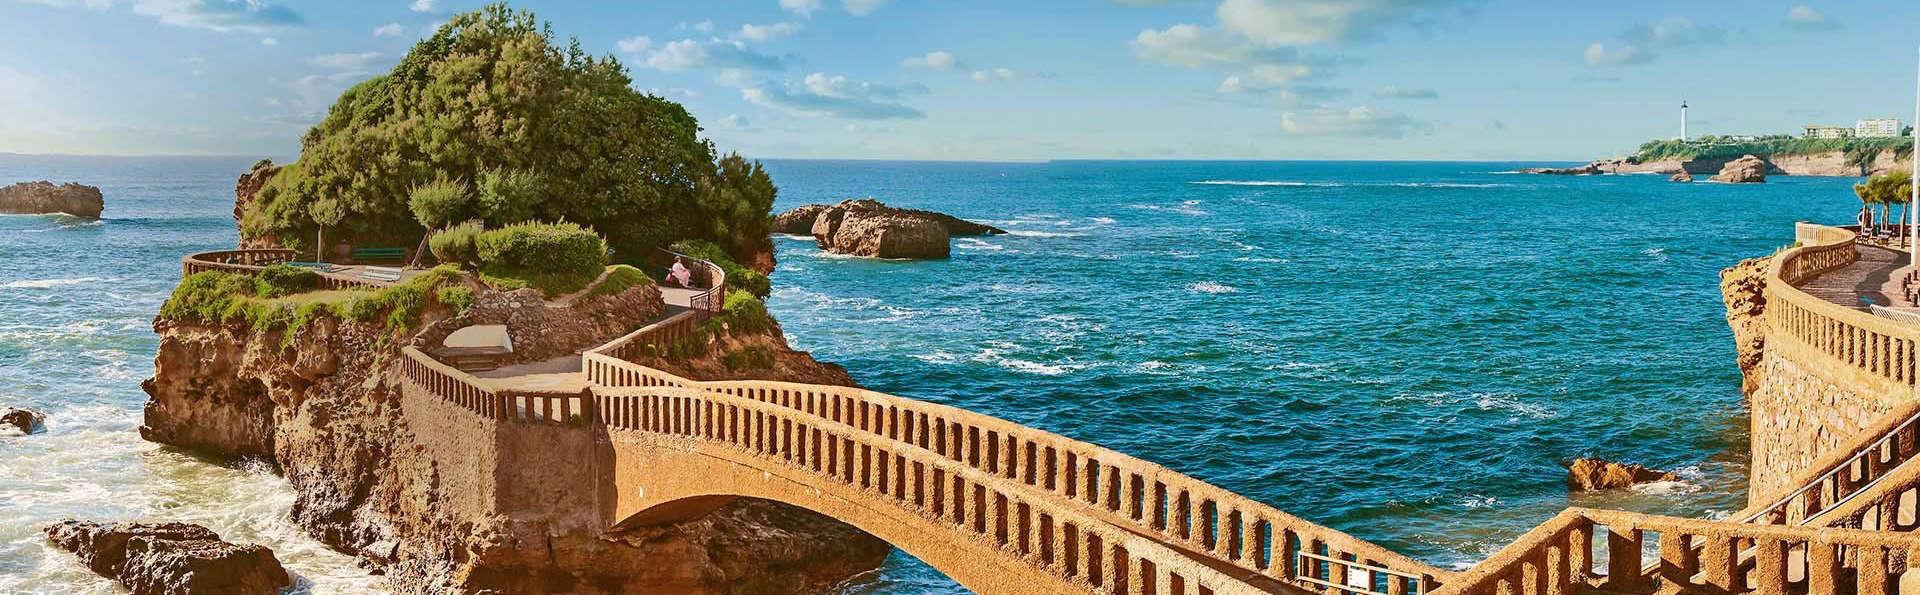 Thalassothérapie en bord de mer à Biarritz